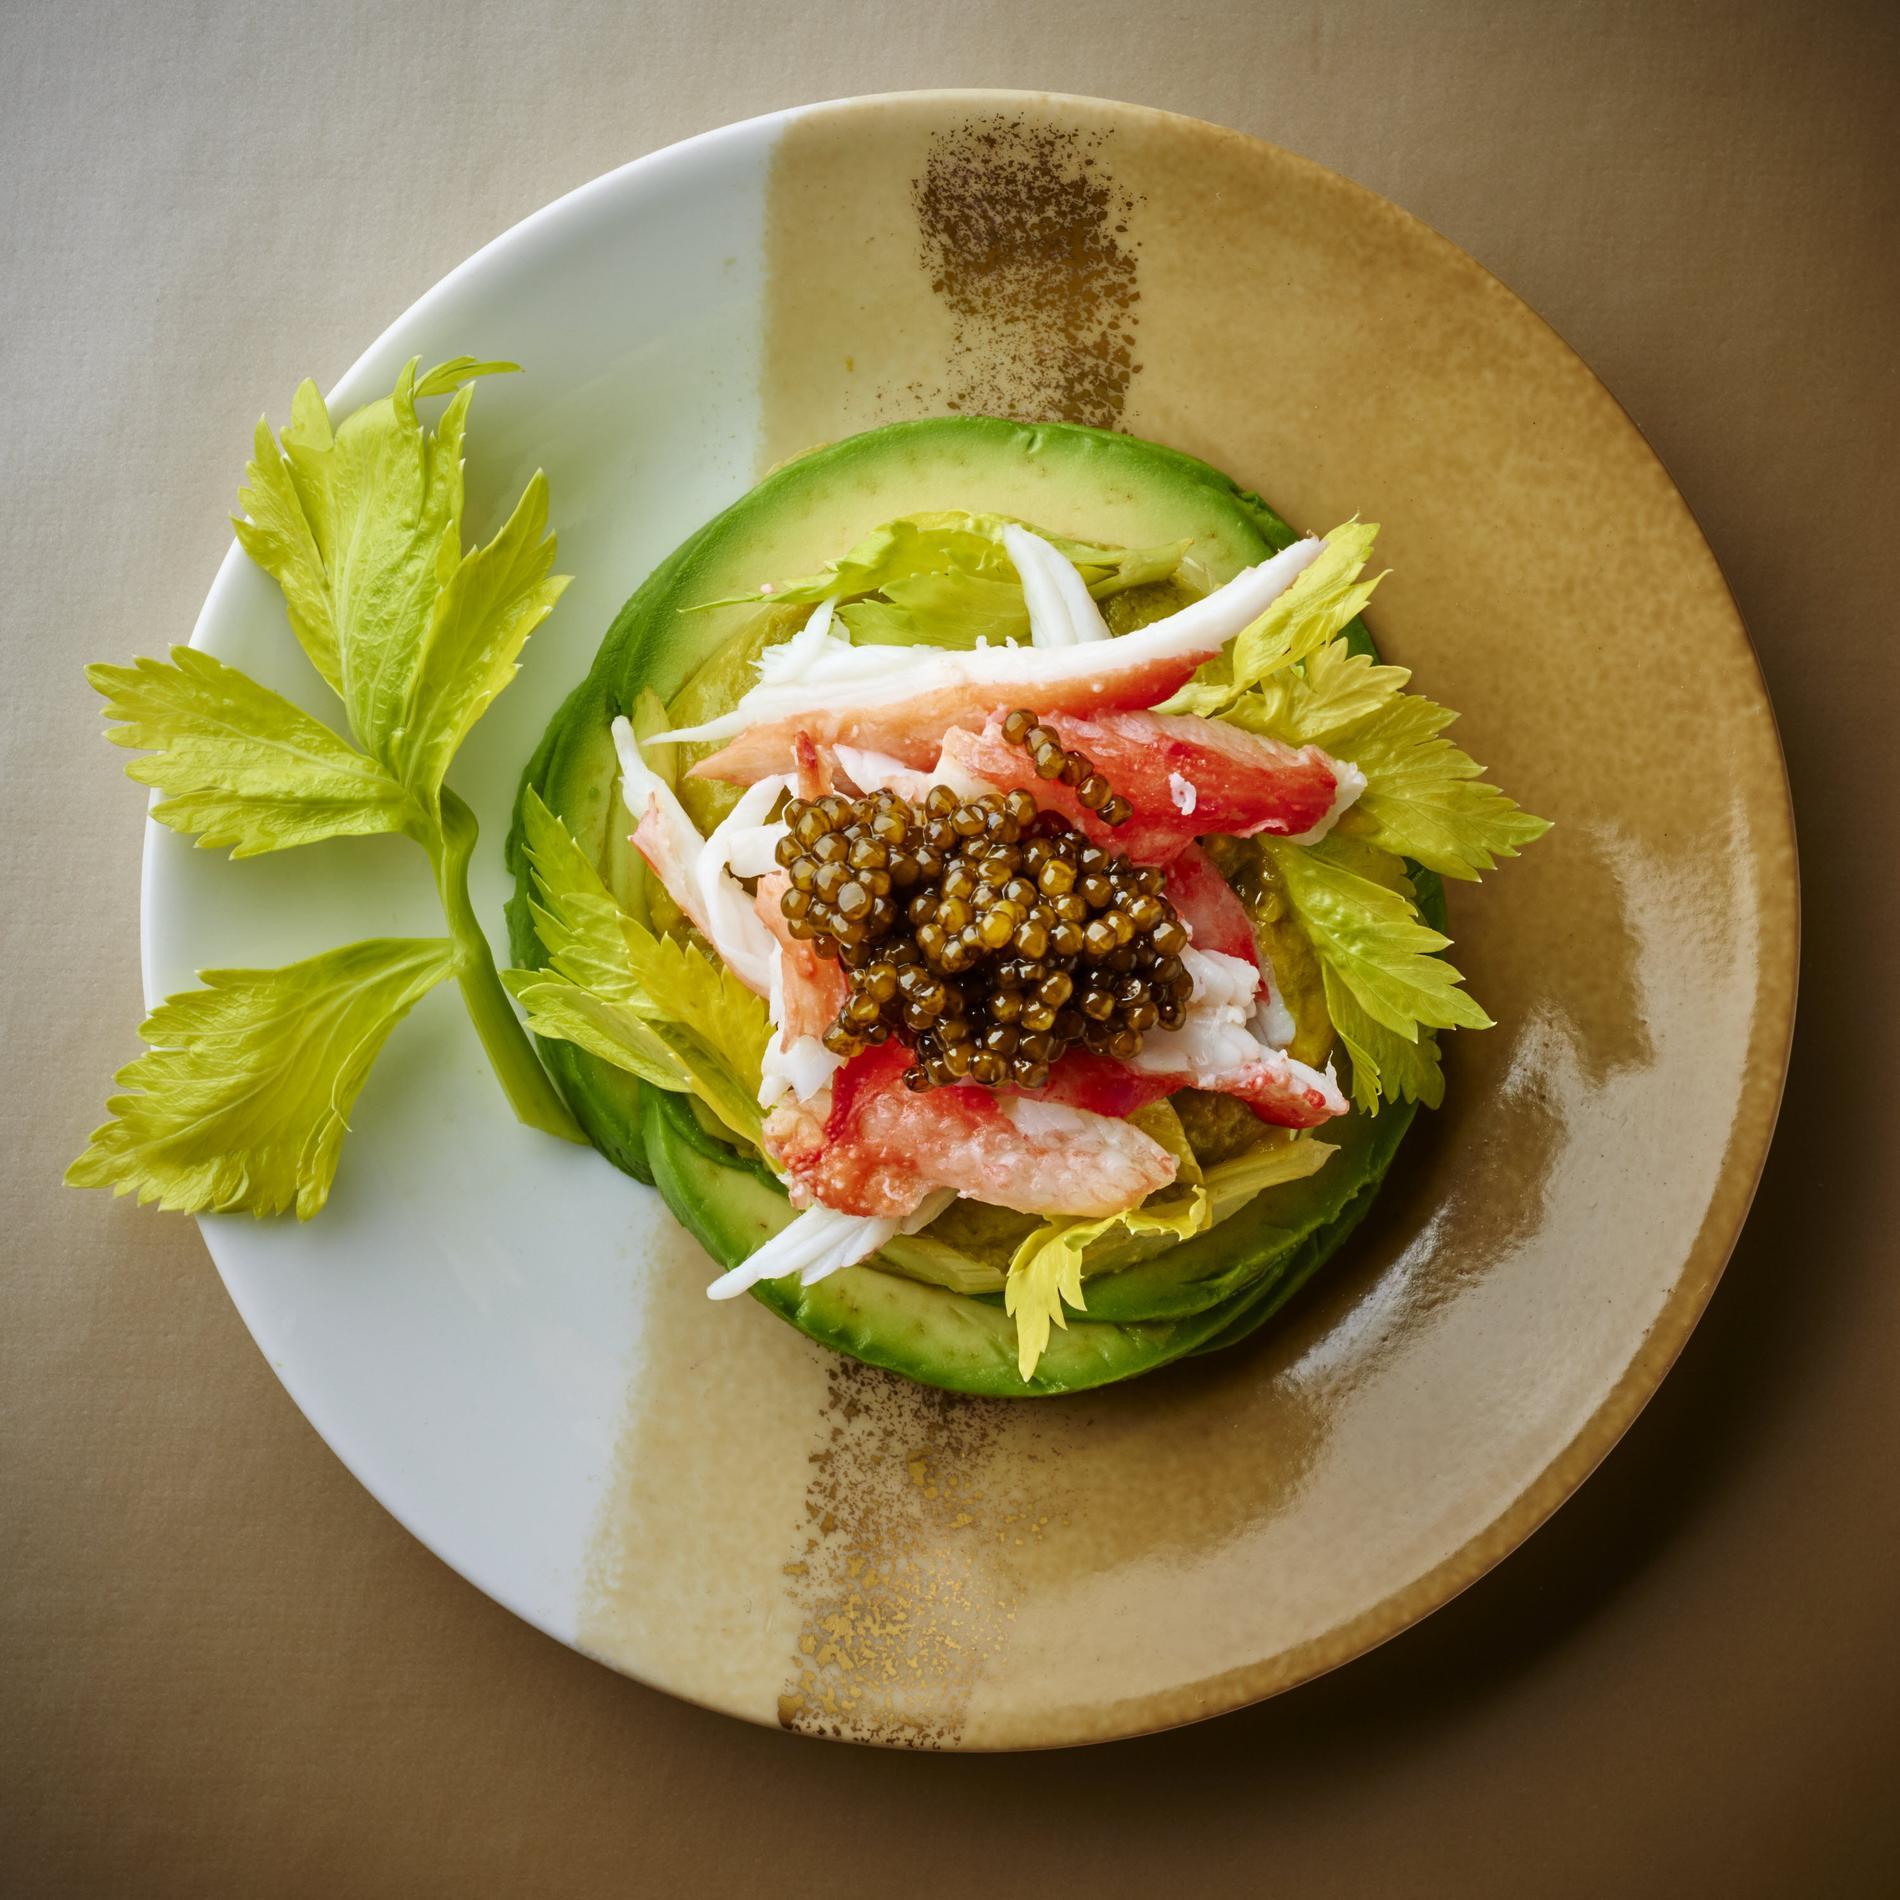 Exceptionnel Recette entrée facile et rapide - Cuisine / Madame Figaro TD18